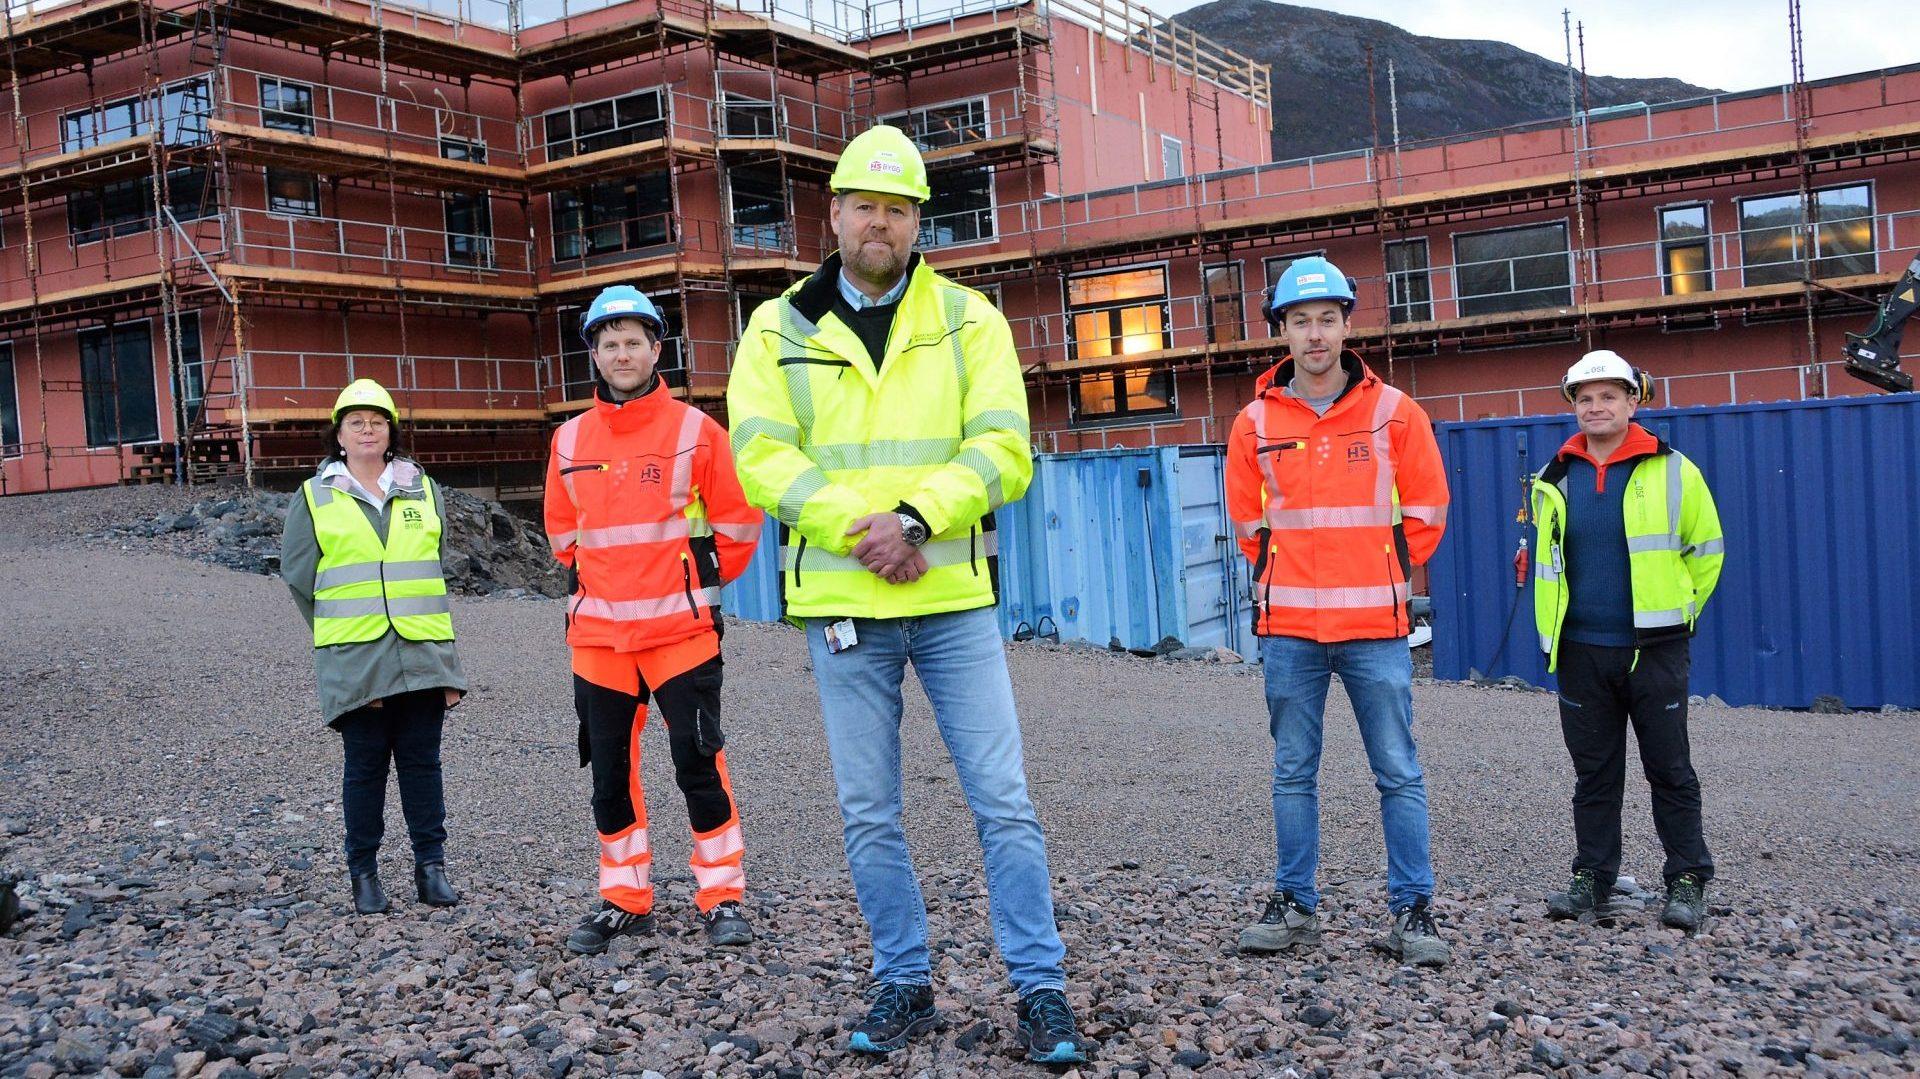 Prosjektansvarlege-for-ny-floy-pa-Kulatoppen-omsorgssenter-i-Kinn-kommune.-Foto-Marianne-S.-Rotihaug_Fjordenes-Tidende